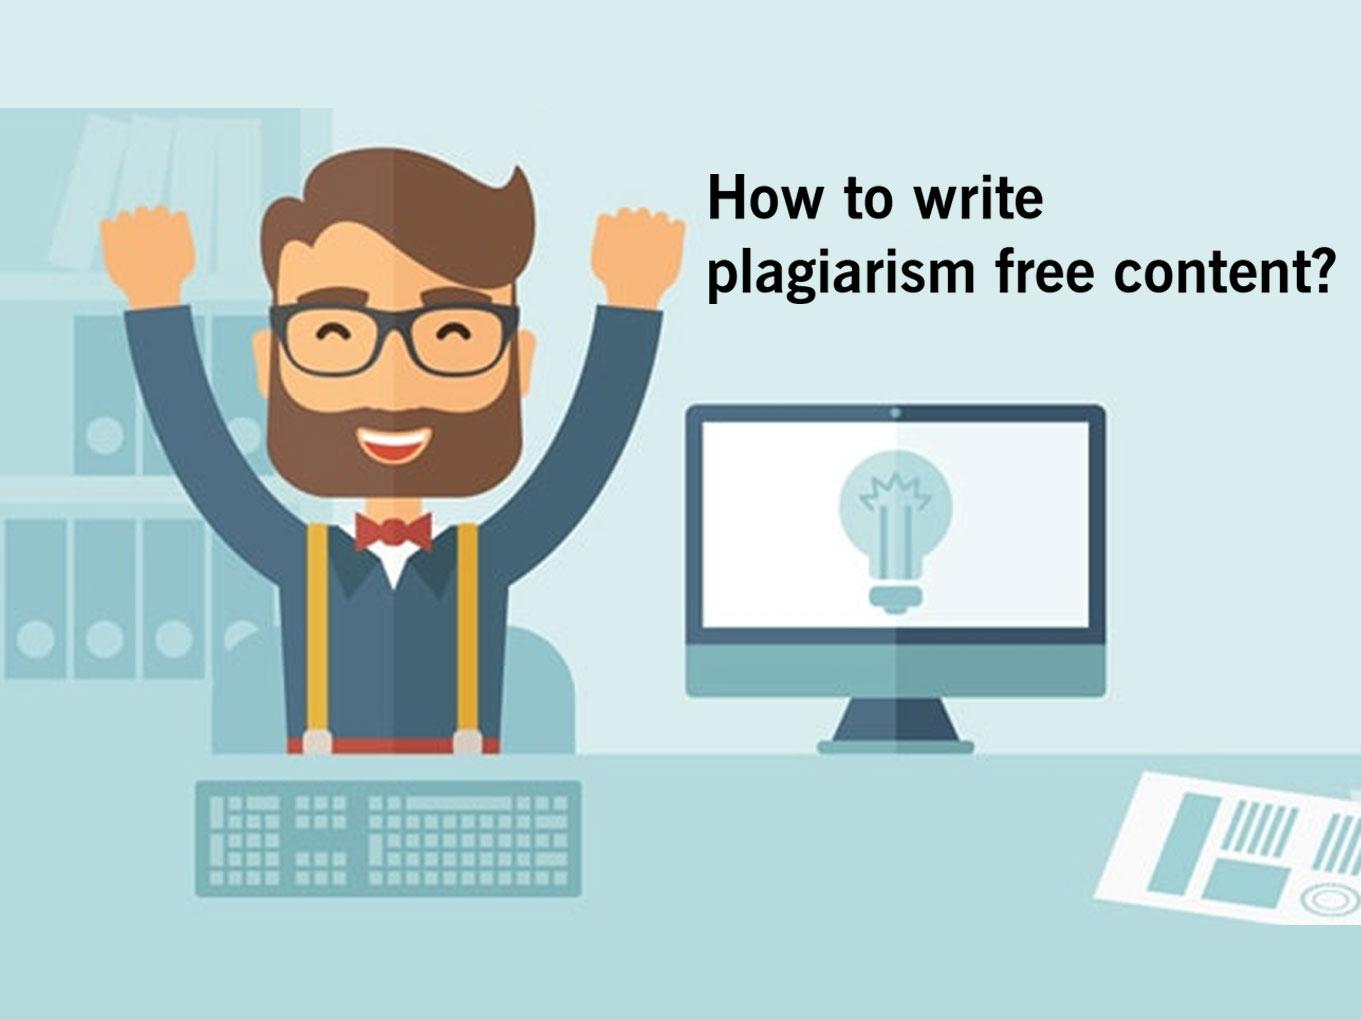 plagariasm free content